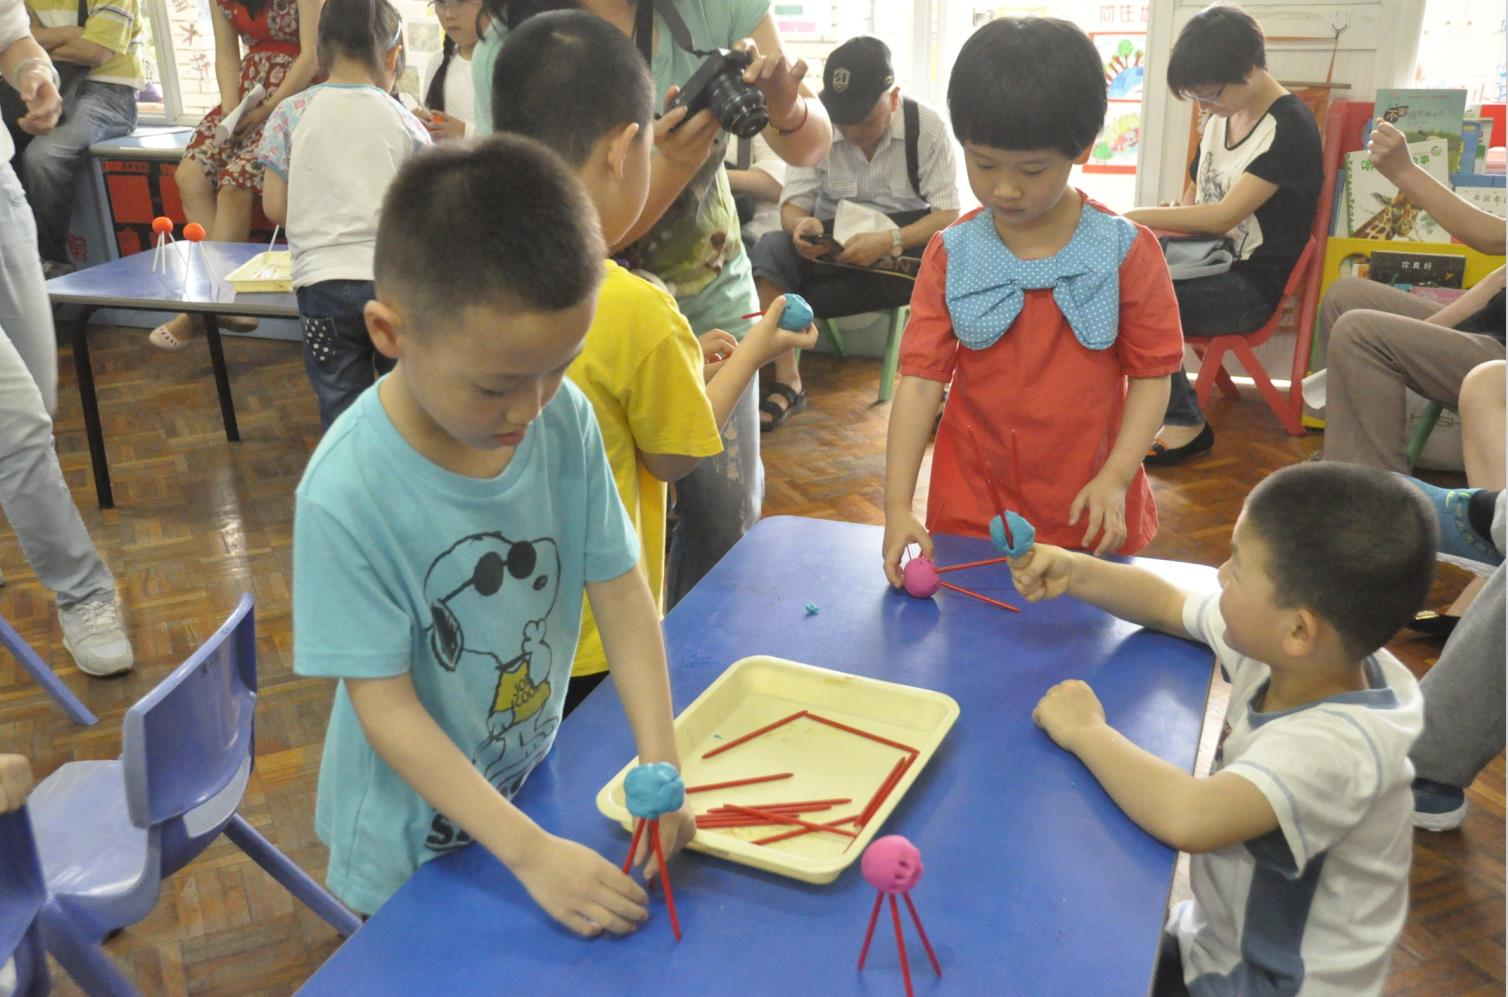 福州市直机关幼儿园节假日值班制度